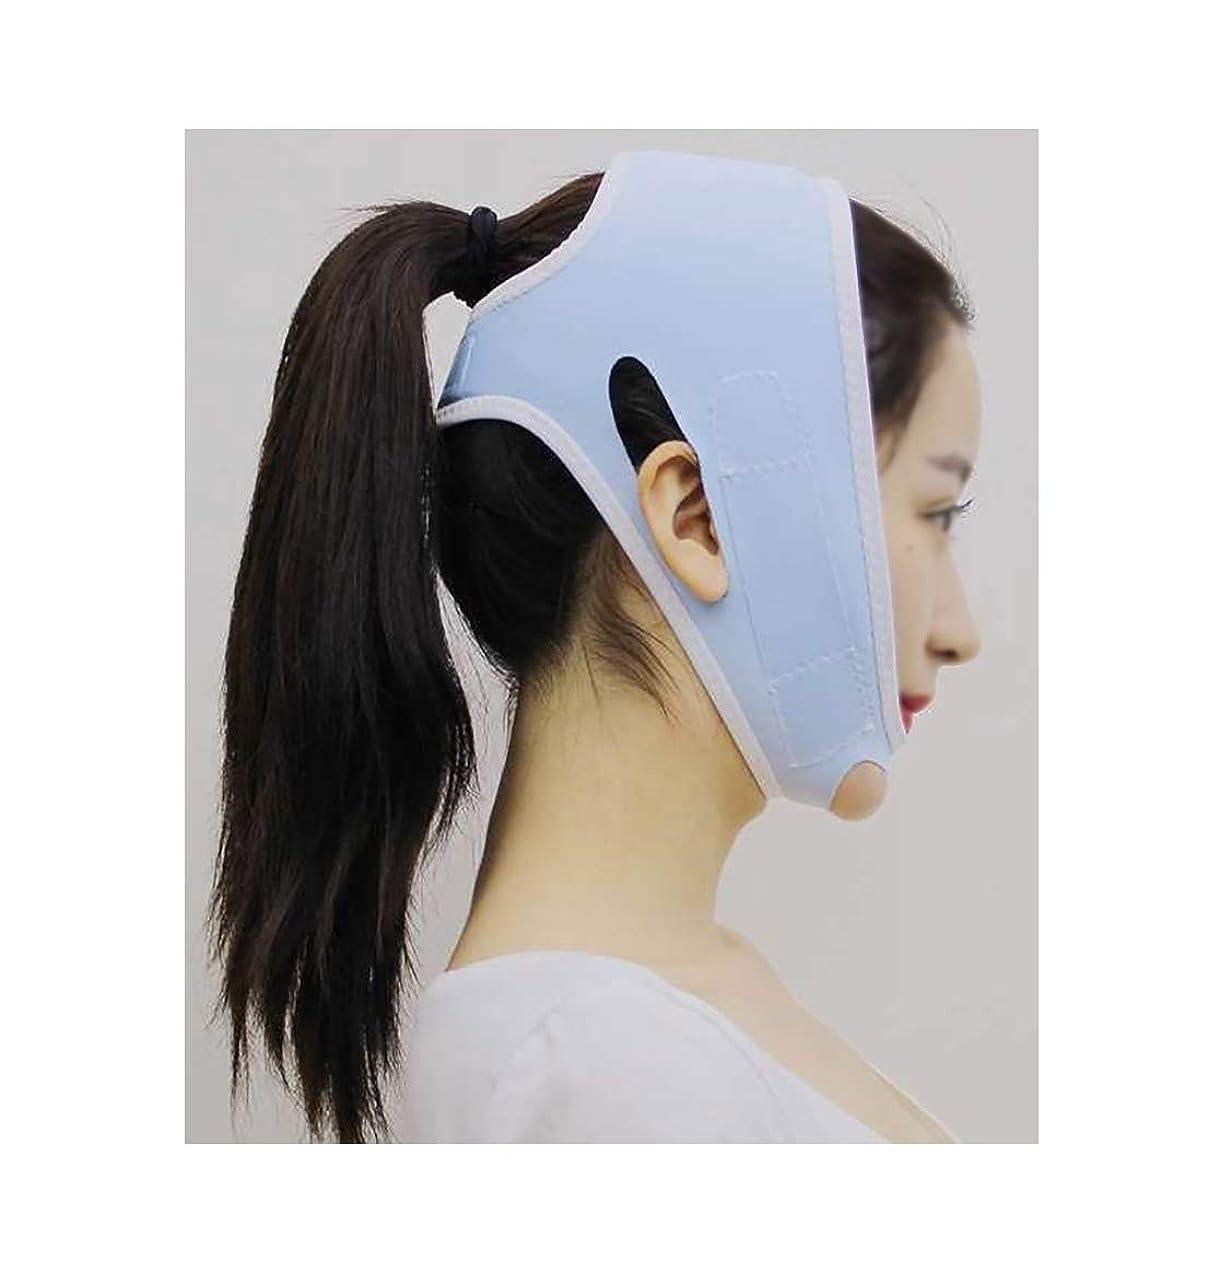 推測する一節クリープTLMY 包帯ヘッドギアマスクの顔Vの顔の薄い顔のアーティファクトプラスチック美容ゴムバンドフェイスリフトネックリフト後薄い顔マスクあごベルトの回復 顔用整形マスク (Color : Blue)